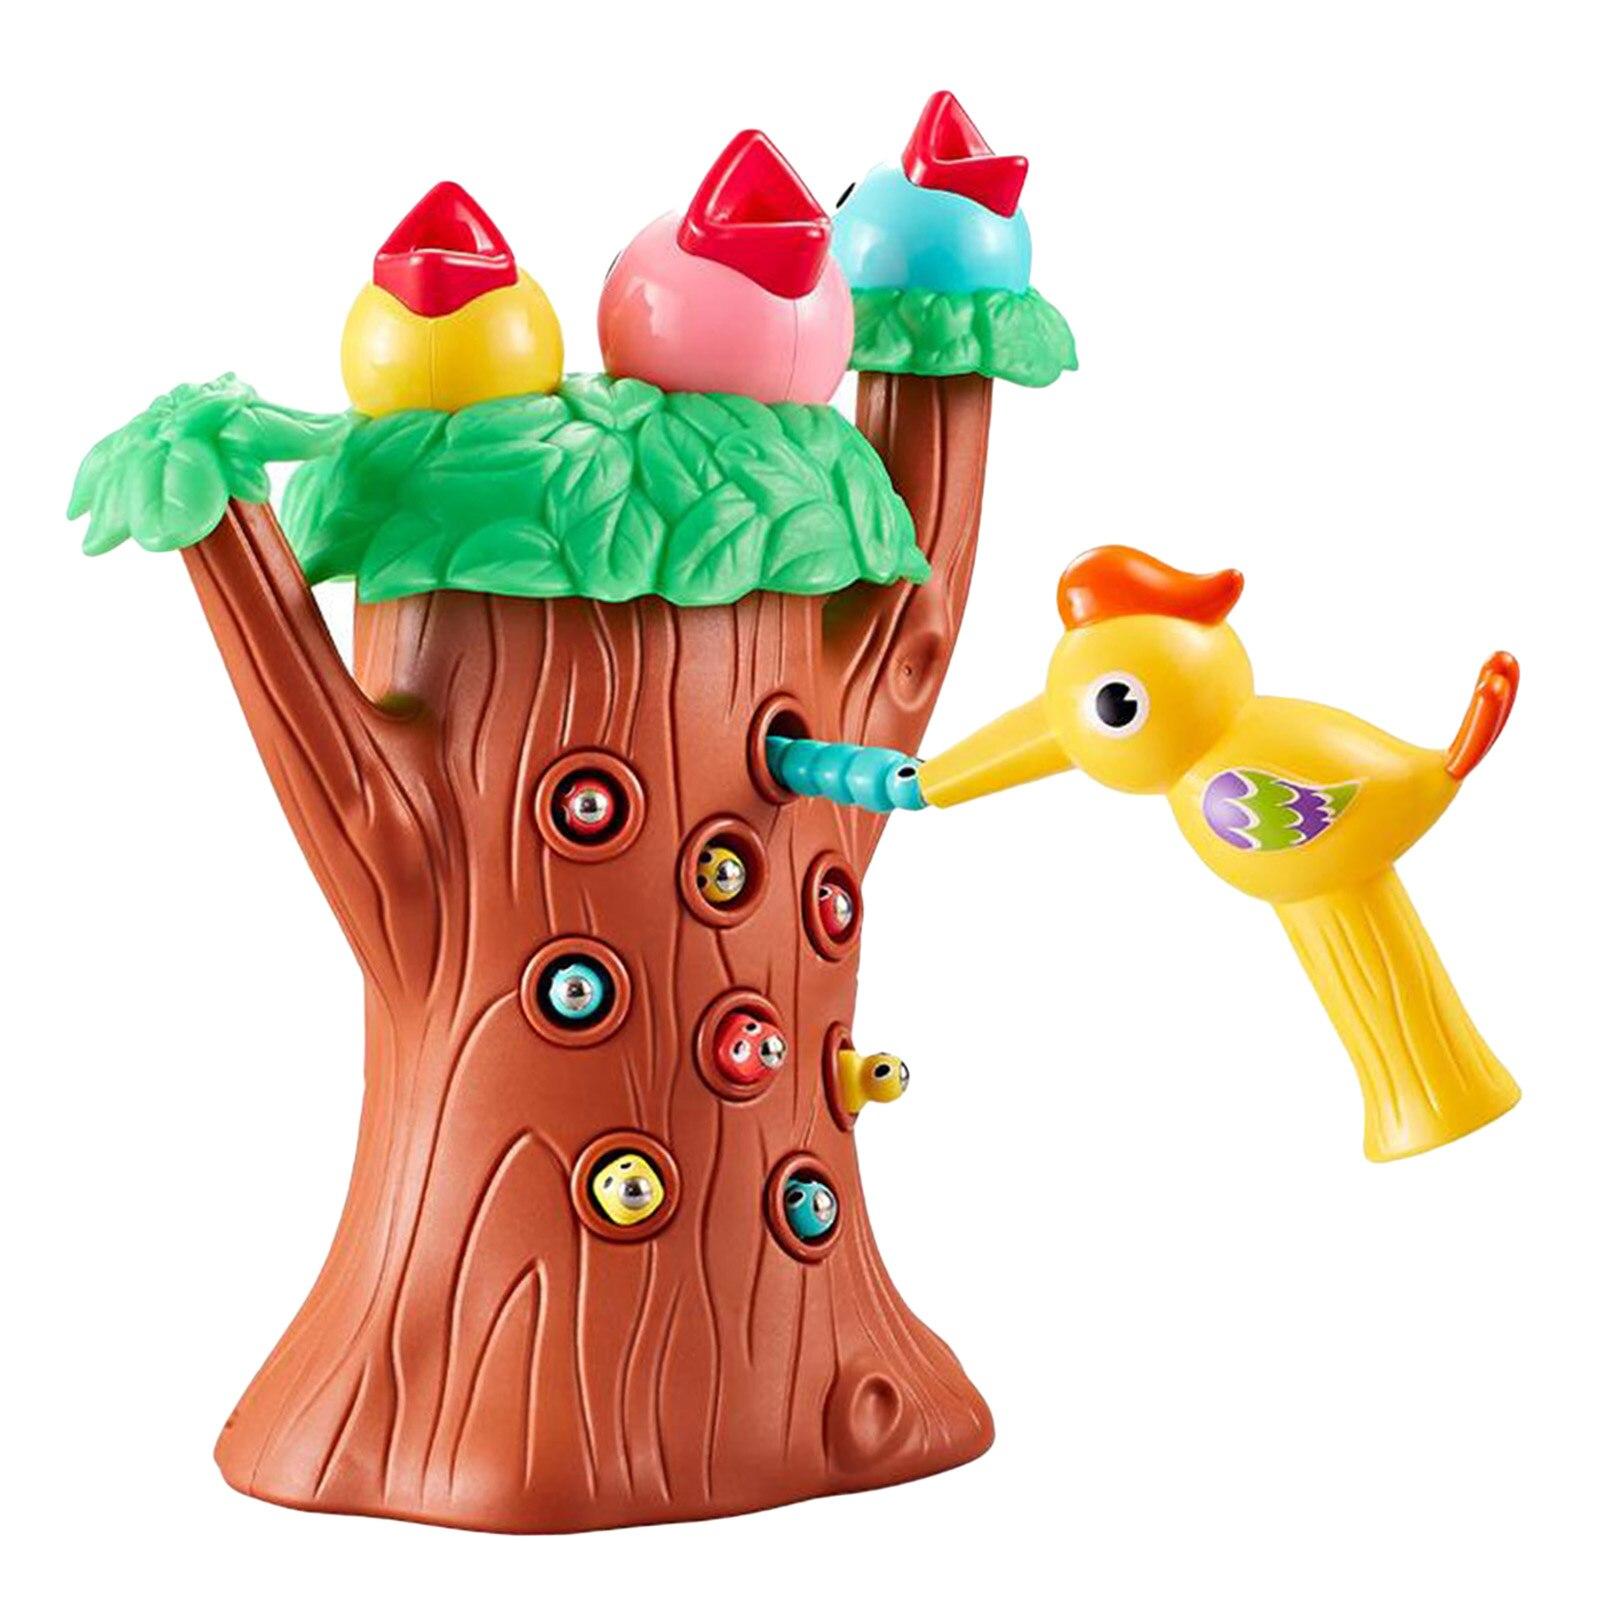 Brinquedo peitoral magnético para crianças, habilidades físicas